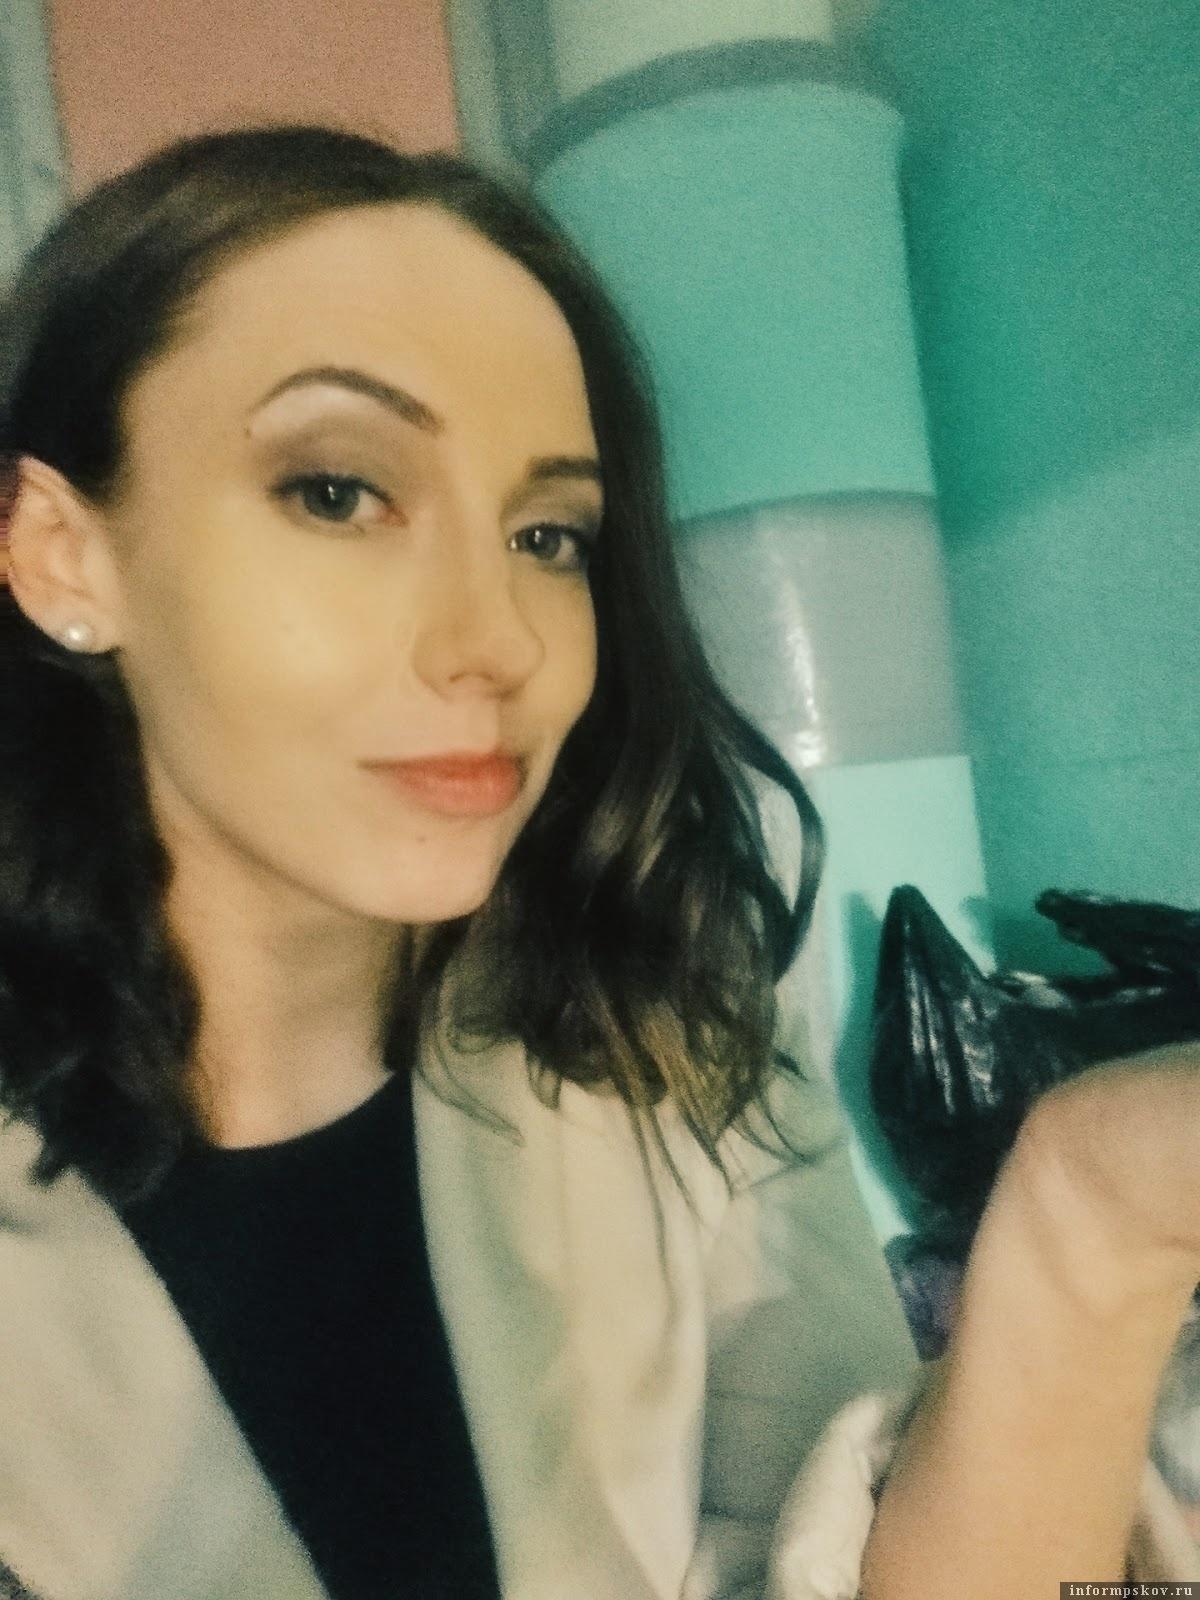 Лола Льдова, фото из vk.com